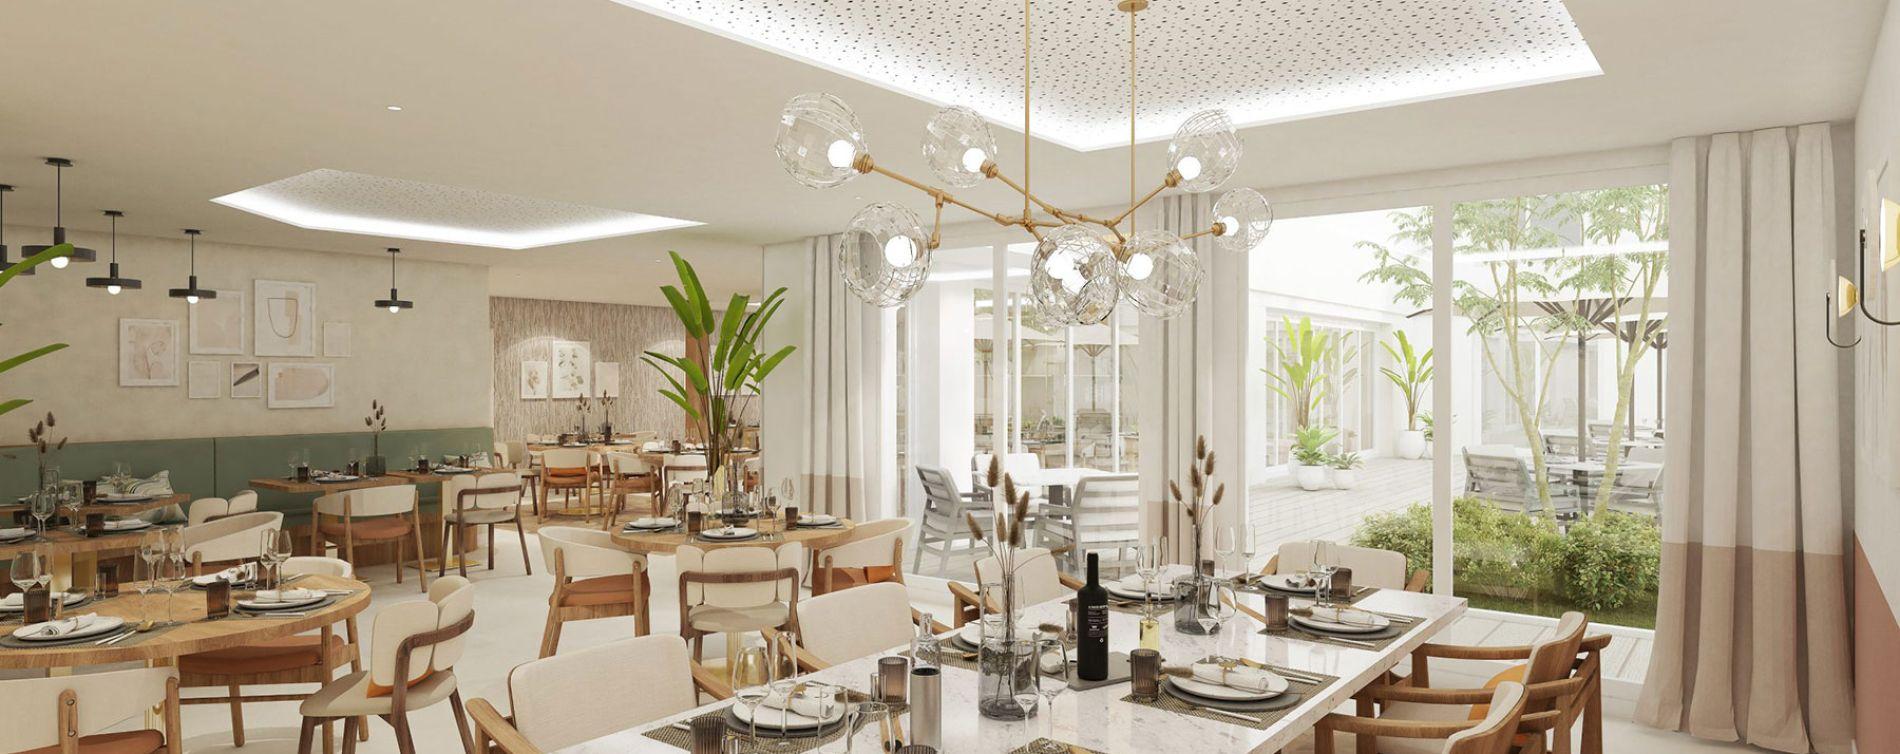 Romainville : programme immobilier neuve « Villa Saint-Germain » (4)